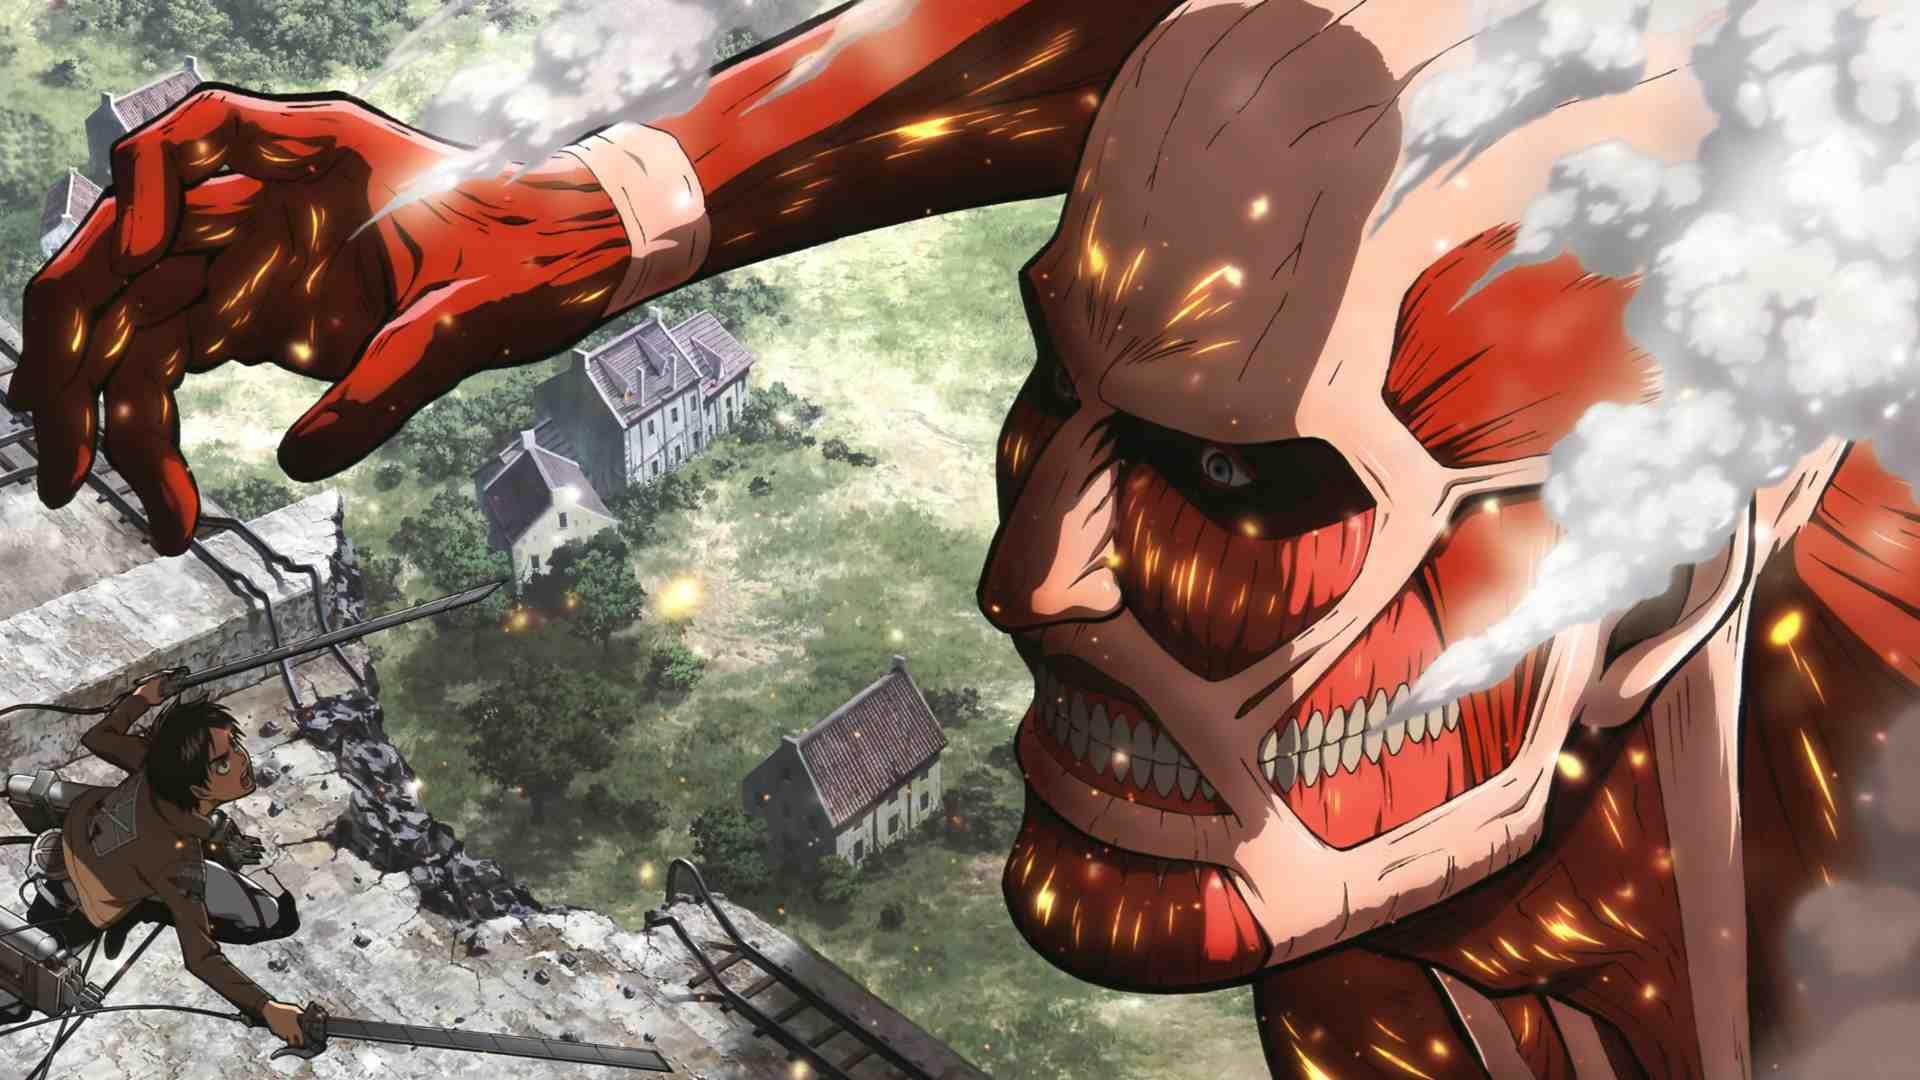 TGS '13: Cospa prepares Attack on Titan showcase